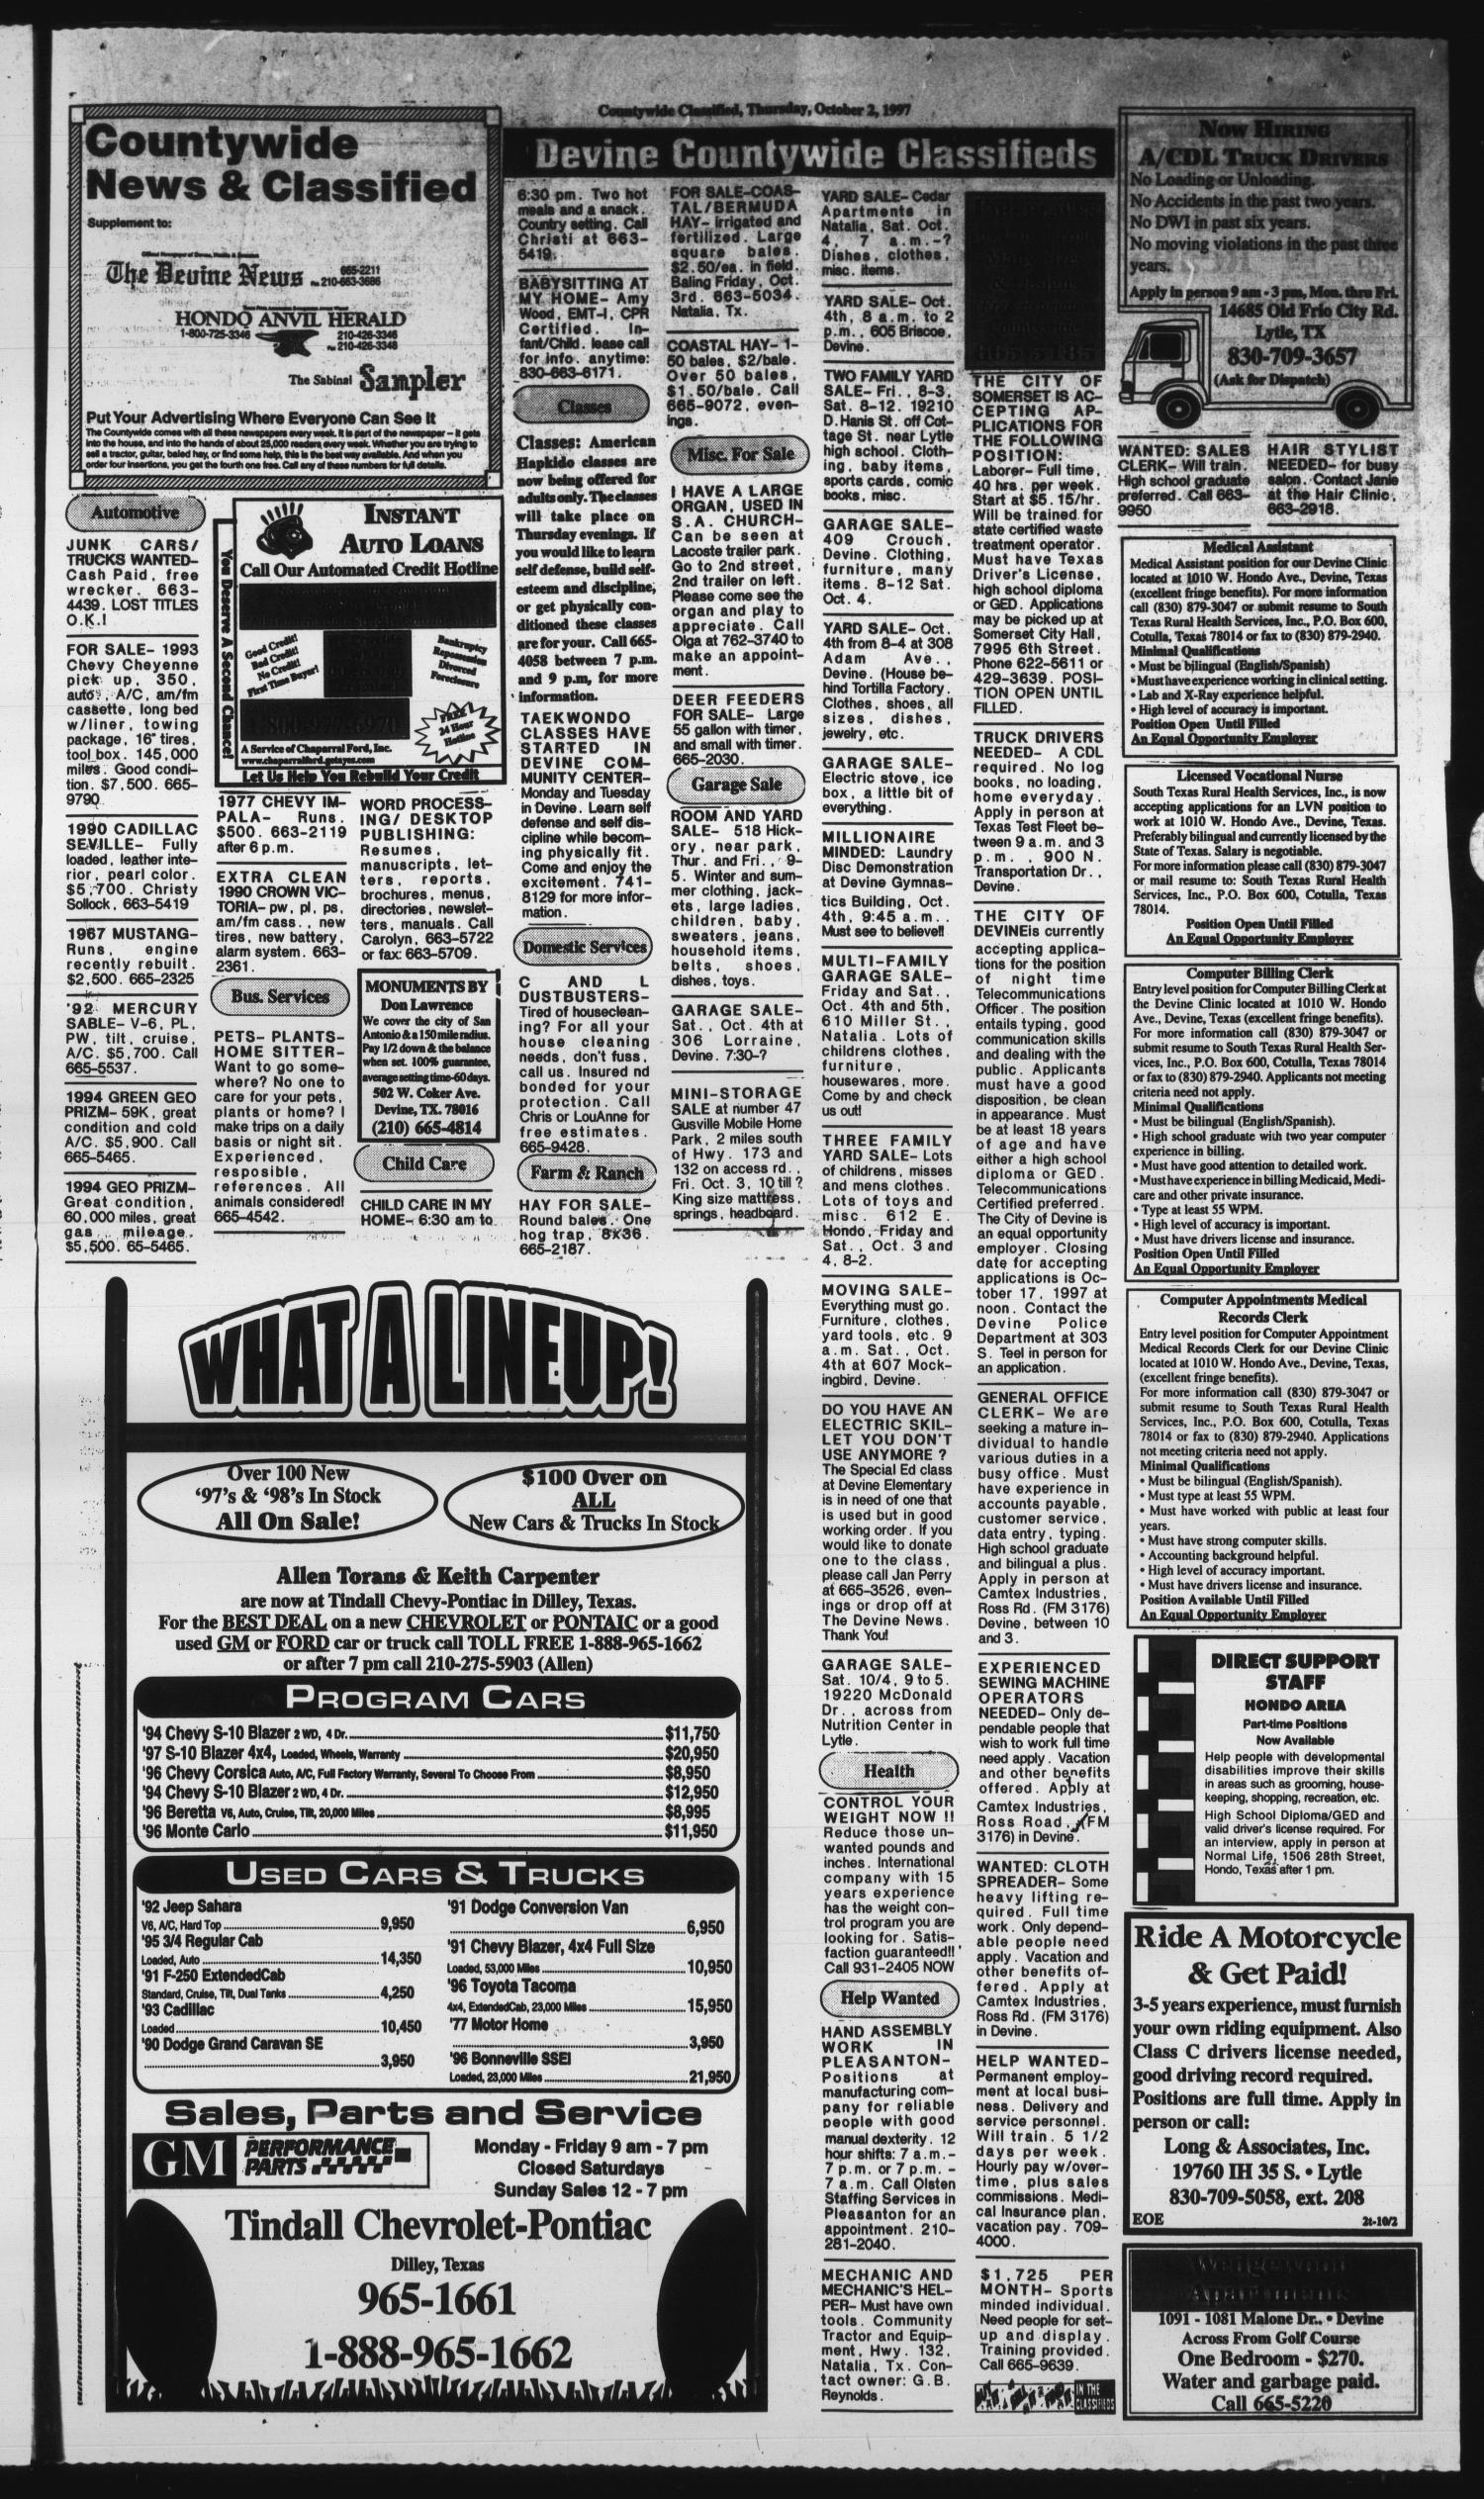 Hondo Anvil Herald Tex Vol 111 No 40 Ed 1 Thursday October 2 1997